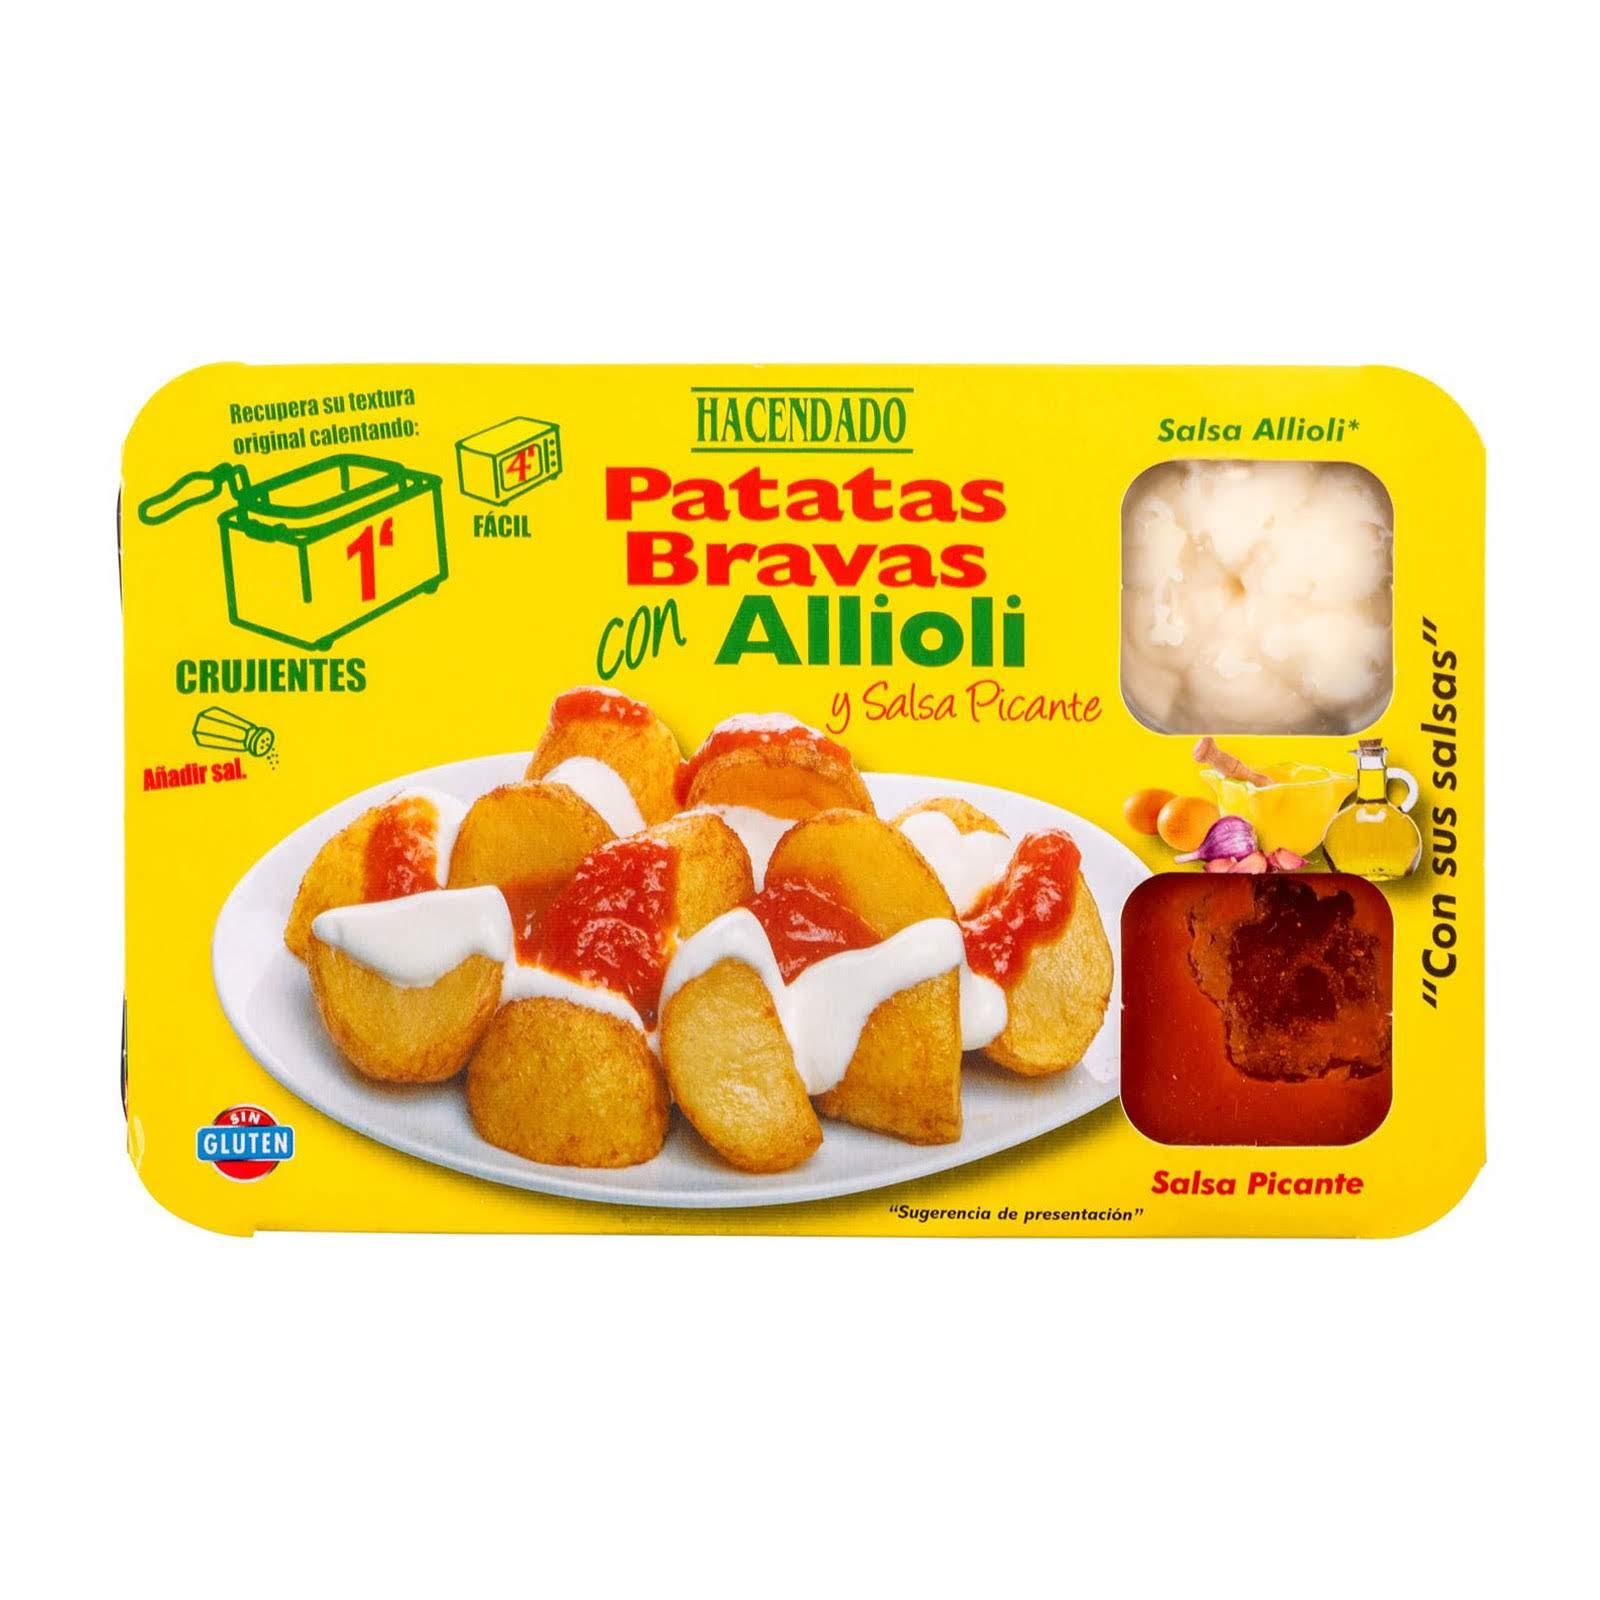 patatas-bravas-con-allioli-y-salsa-picante-hacendado-mercadona-1